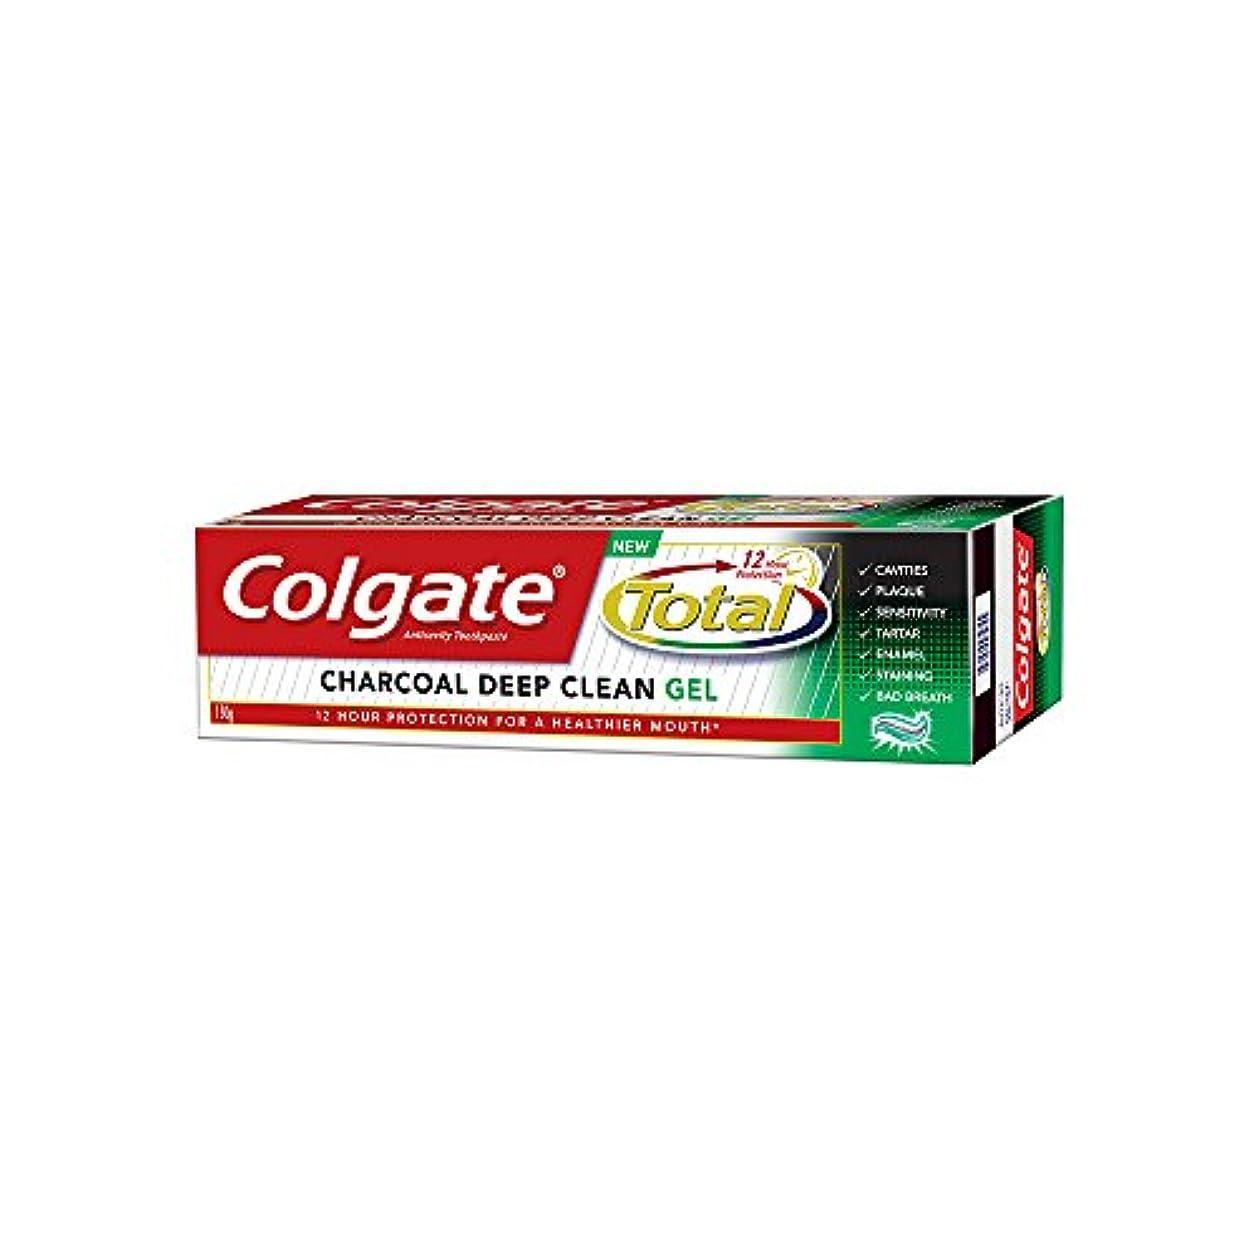 抵抗力があるグロージュラシックパーク(コルゲート)Colgate CHARCOAL DEEP CLEAN GEL 歯磨き粉 Total (150g, チャコール ディープクリーン)